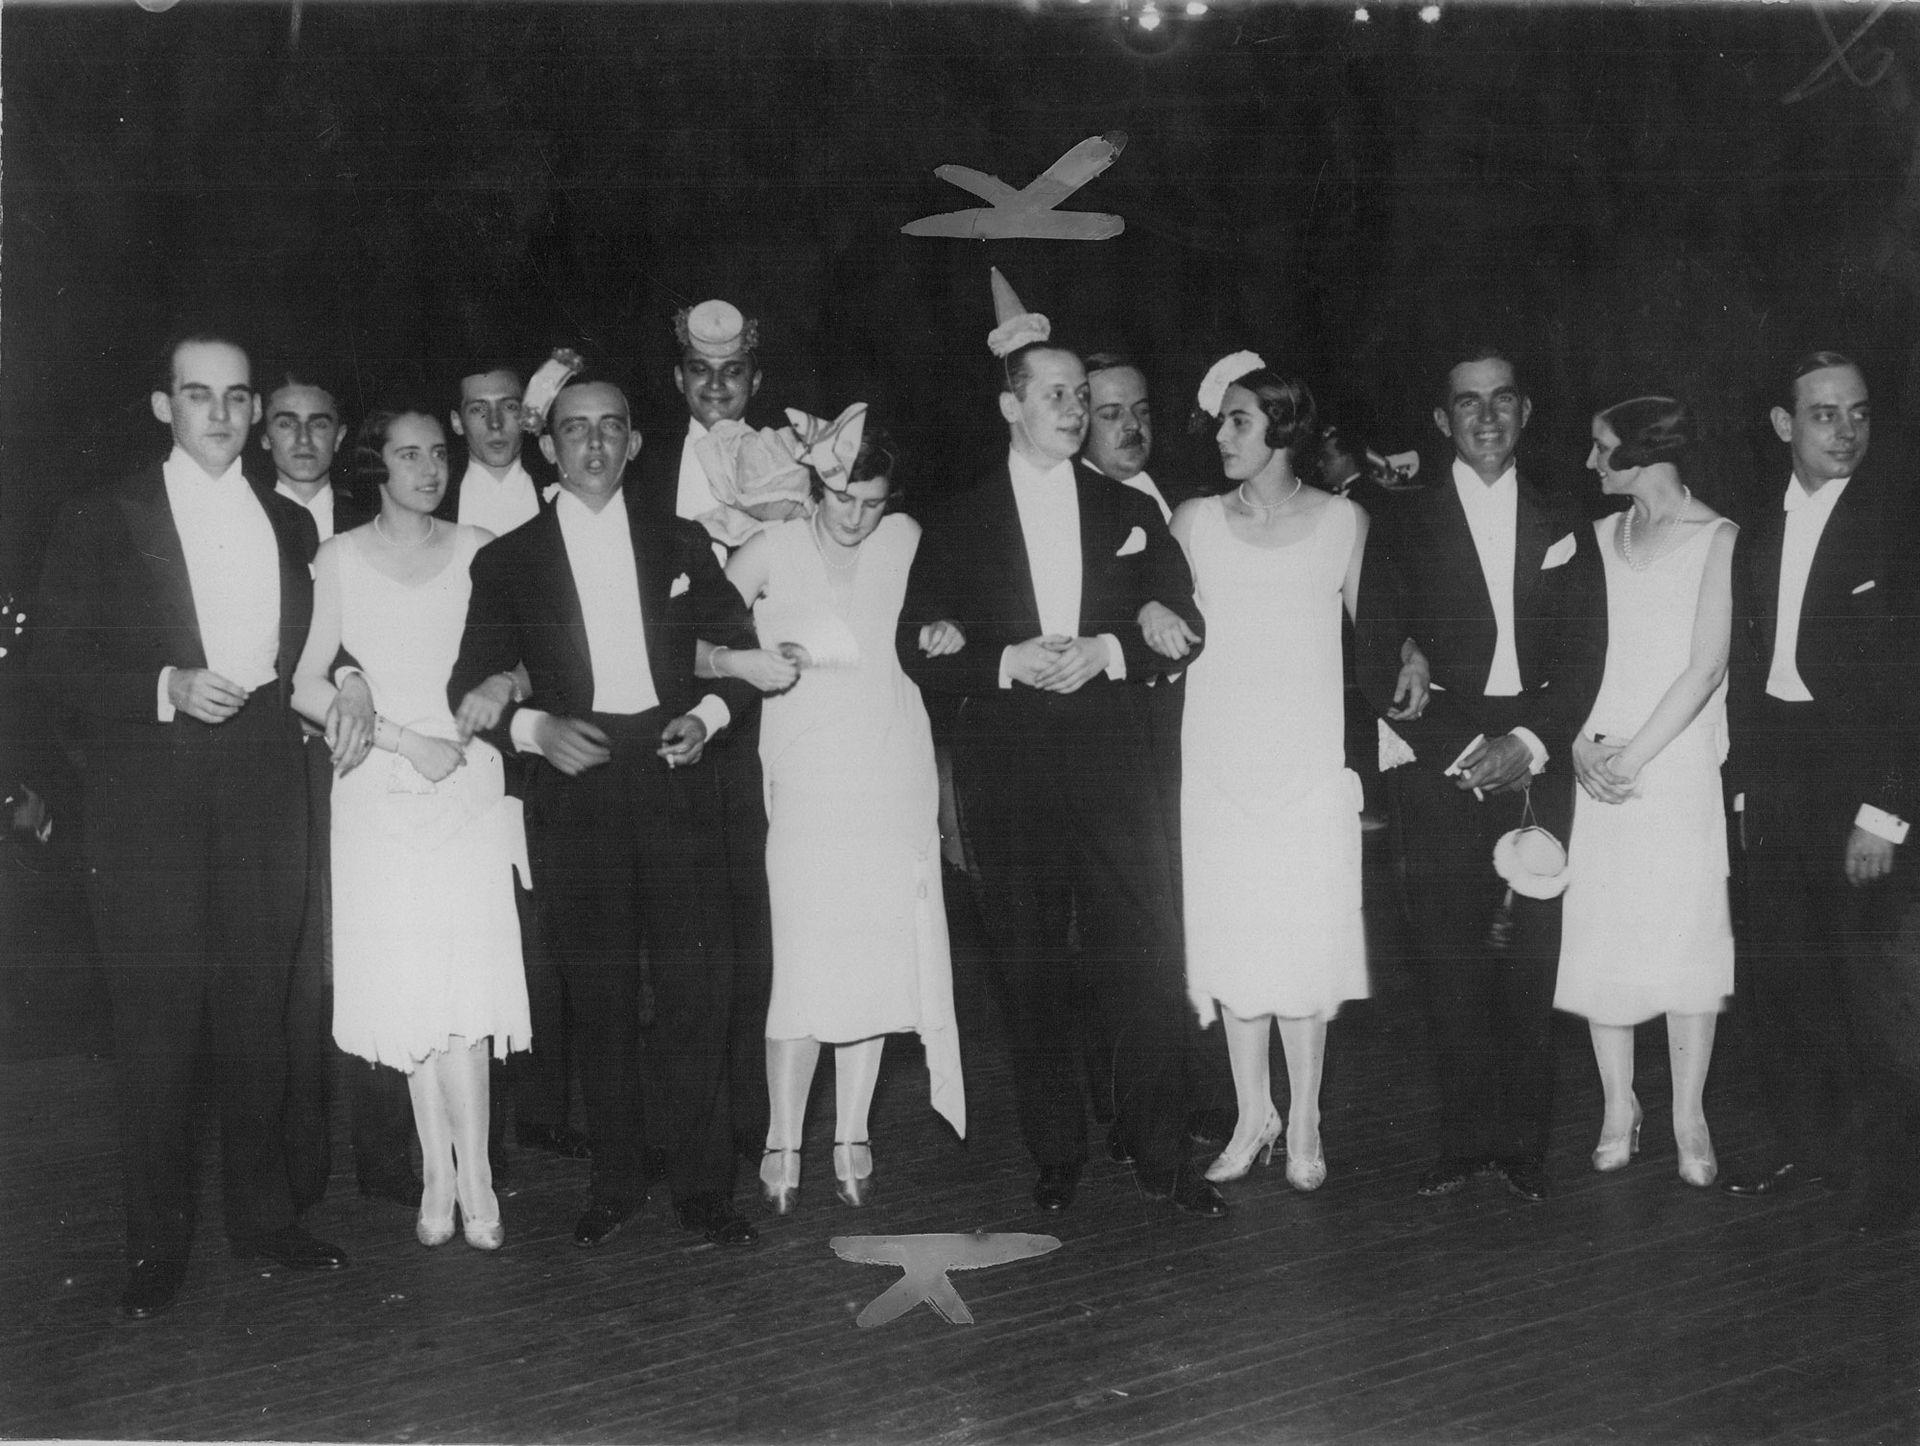 Las fiestas de Fin de Año en el Palacio Dose eran un clásico. Las organizaba Alberto Dose, hermano de Justa, que vivía también en esa residencia. Diciembre de 1926.